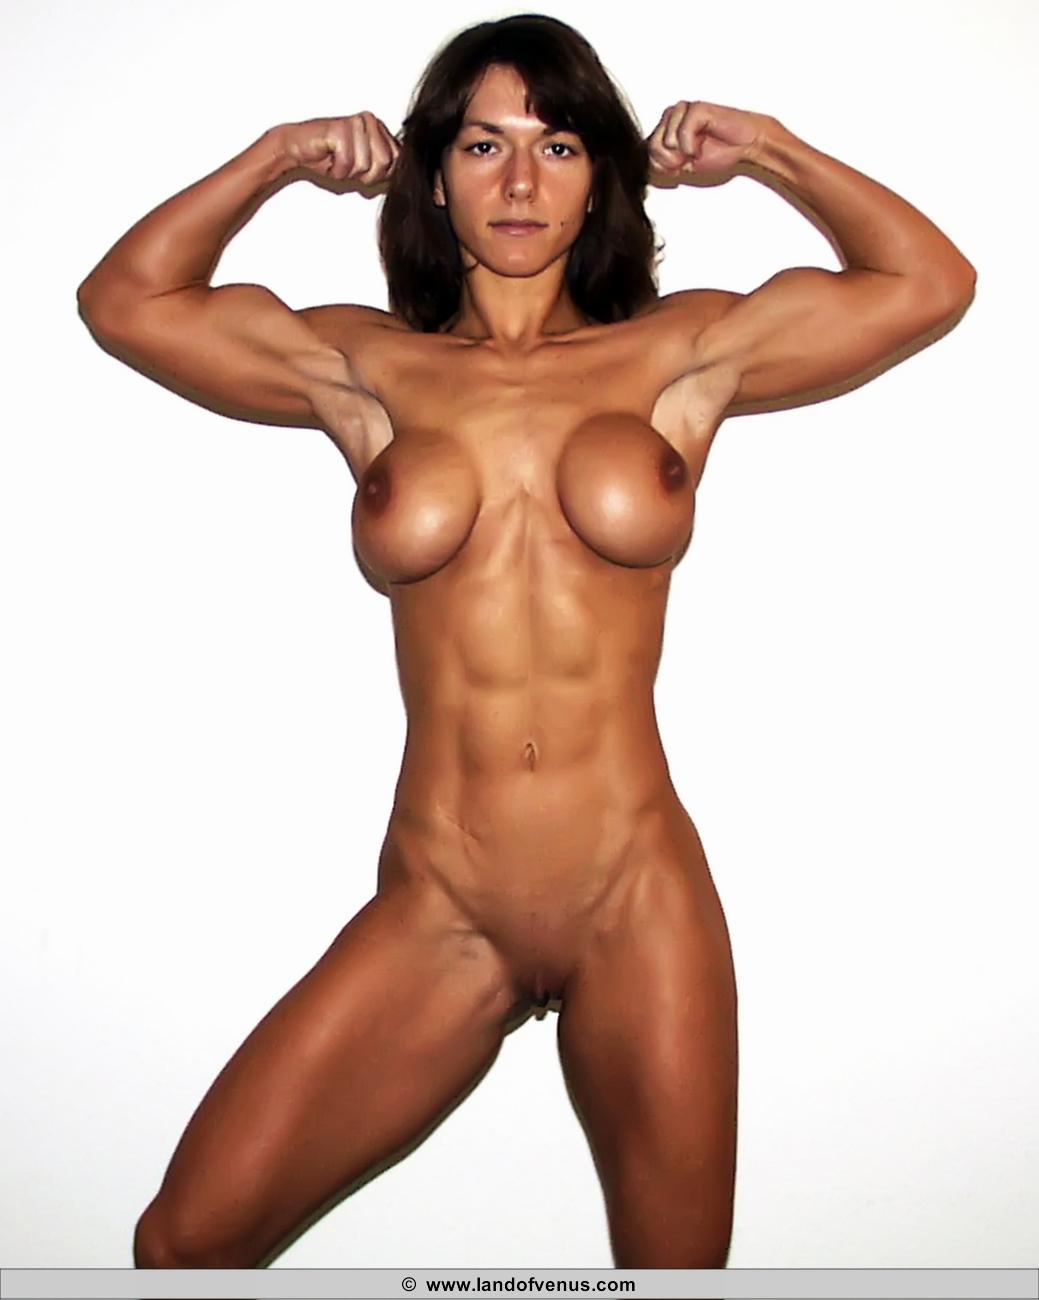 голые накаченные женщины онлайн начала